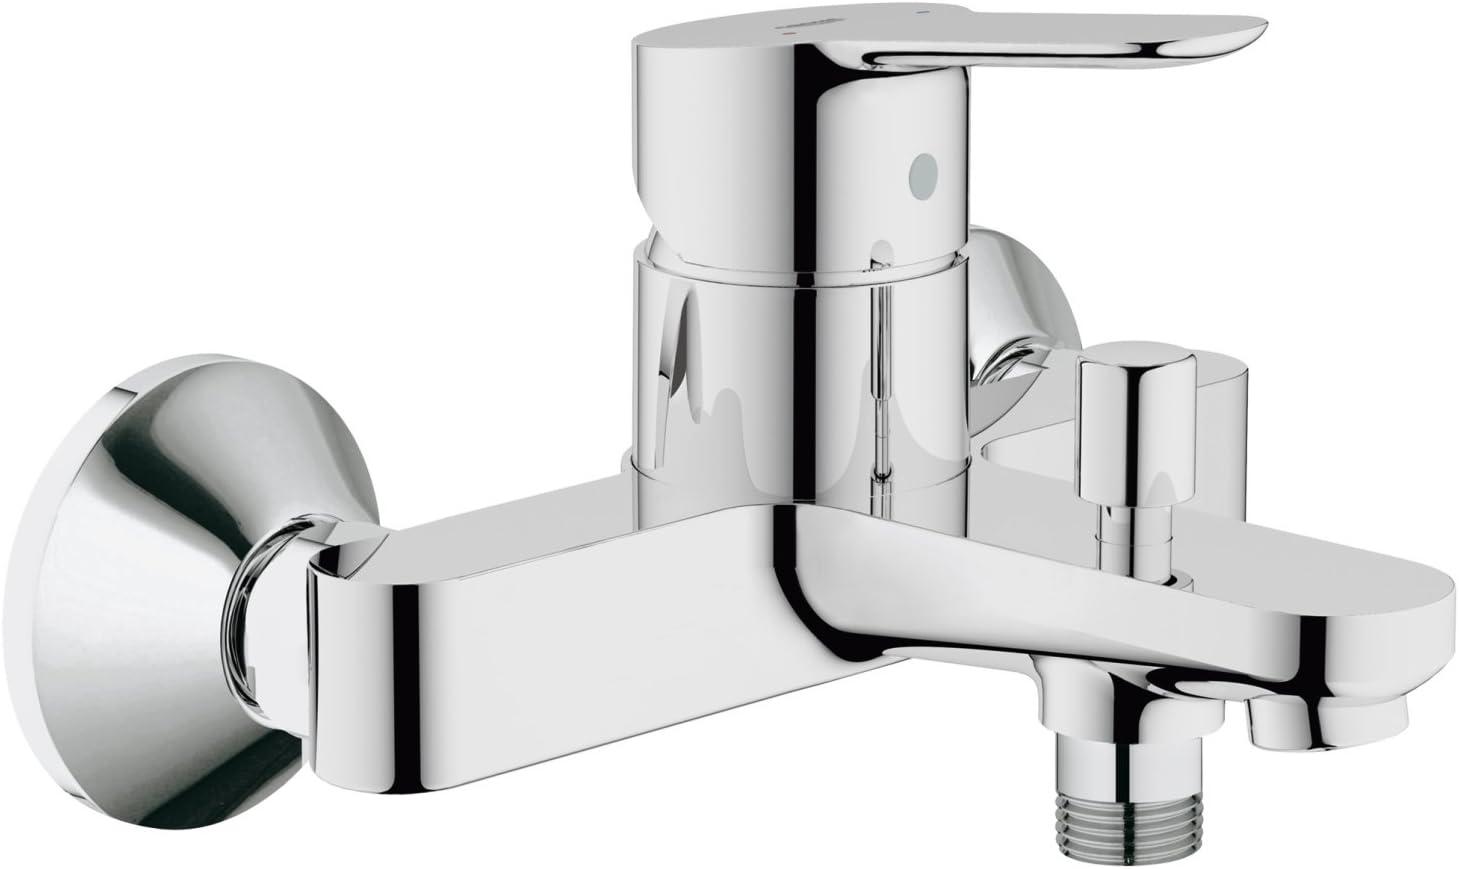 Grohe BauEdge - Grifo para ducha y baño con sistema de montaje en pared e inversor automático. Incluye sistema de ahorro de agua y limitador de caudal ajustable (Ref. 23334000)